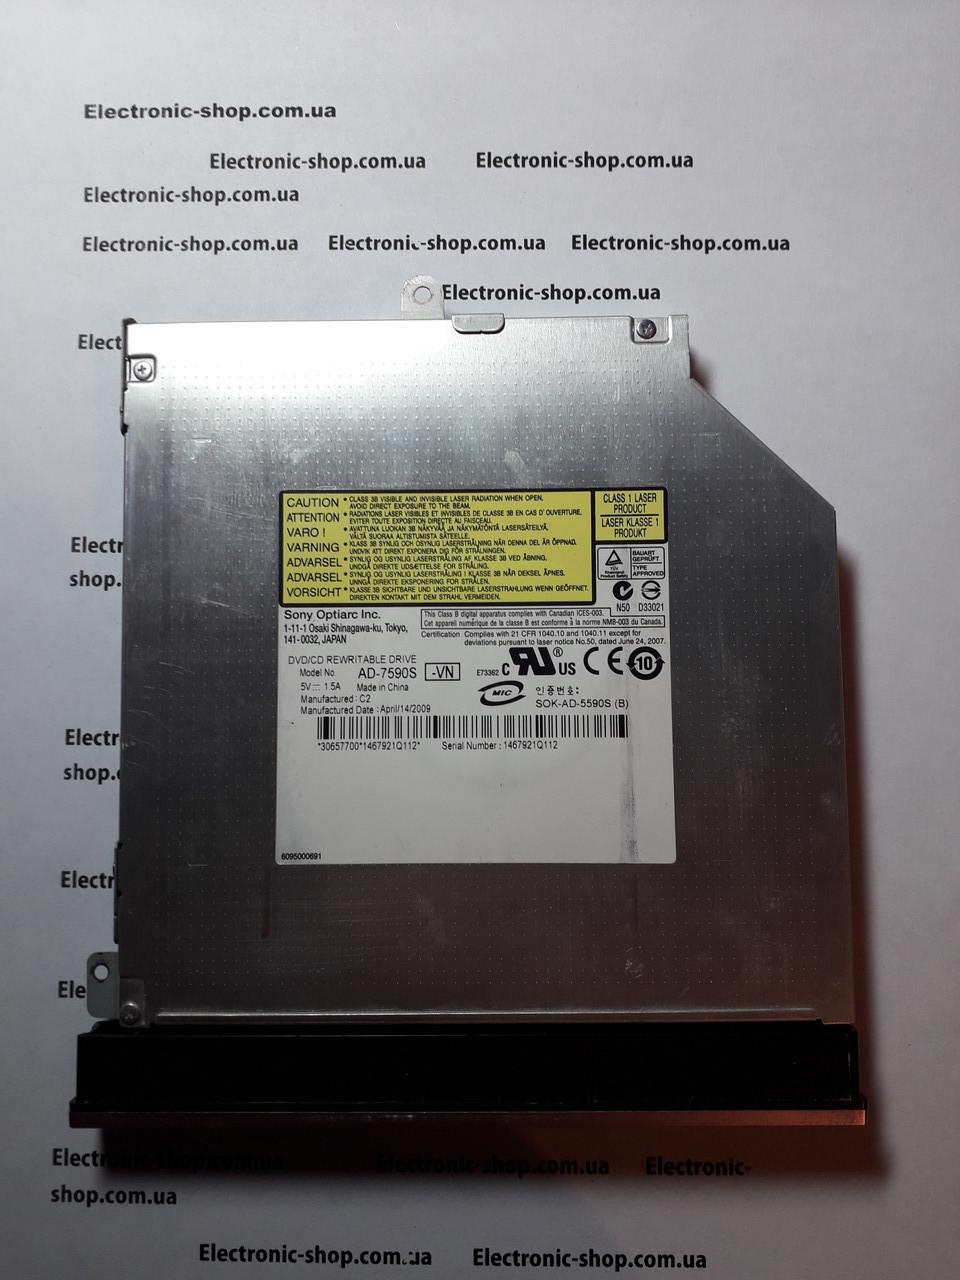 DVD привід Sony PCG -7154M AD - 7590S оригінал б.у.